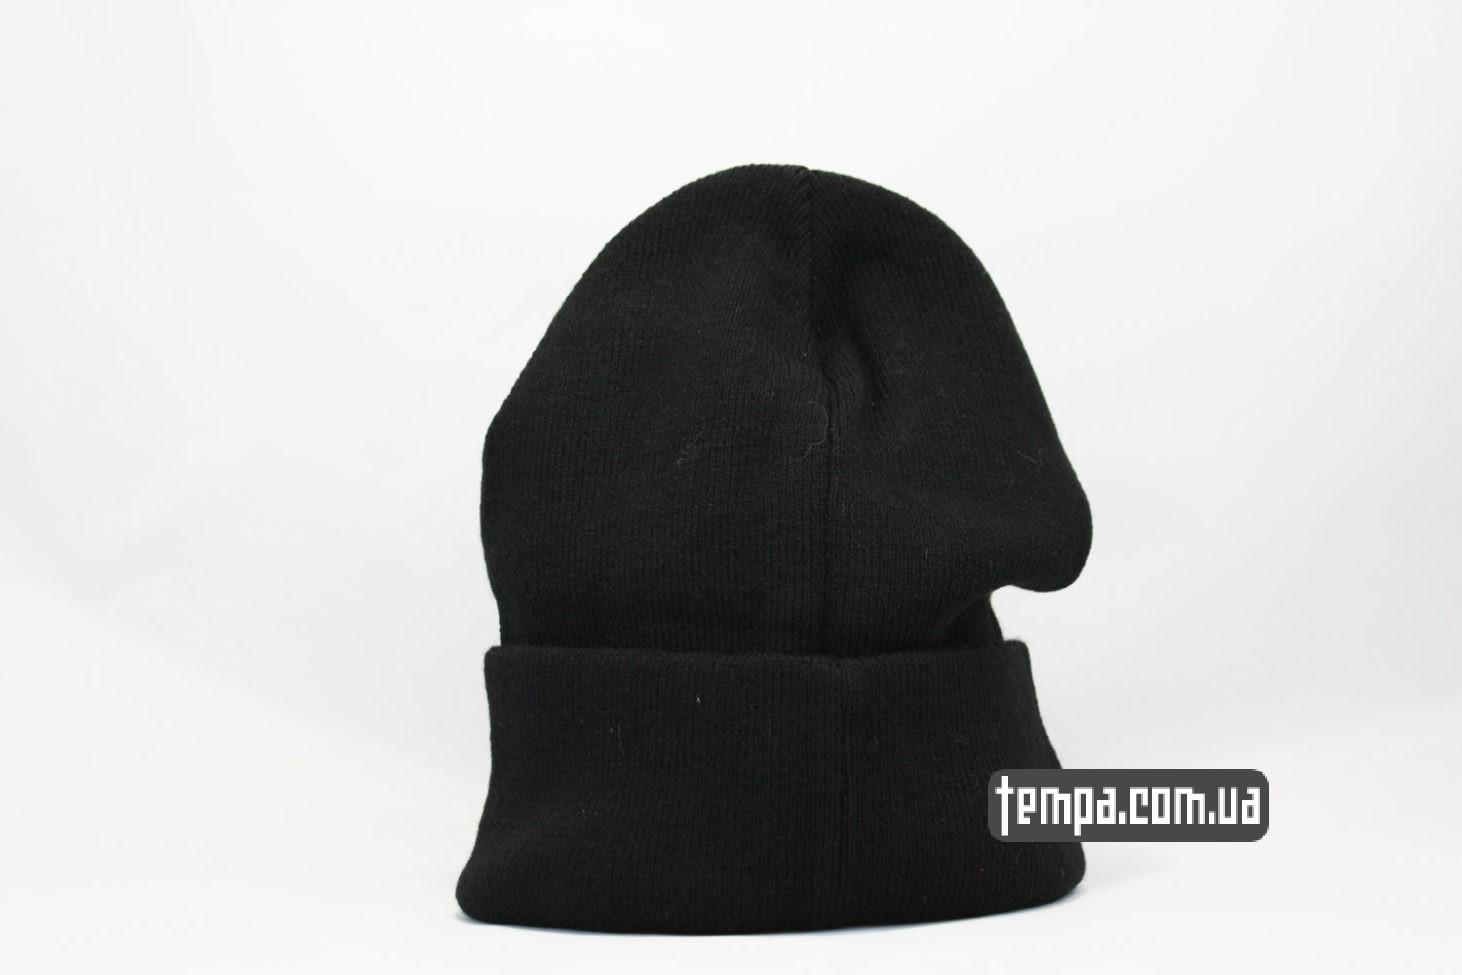 адидас магазин шапка beanie ADIDAS originals черная купить Украина